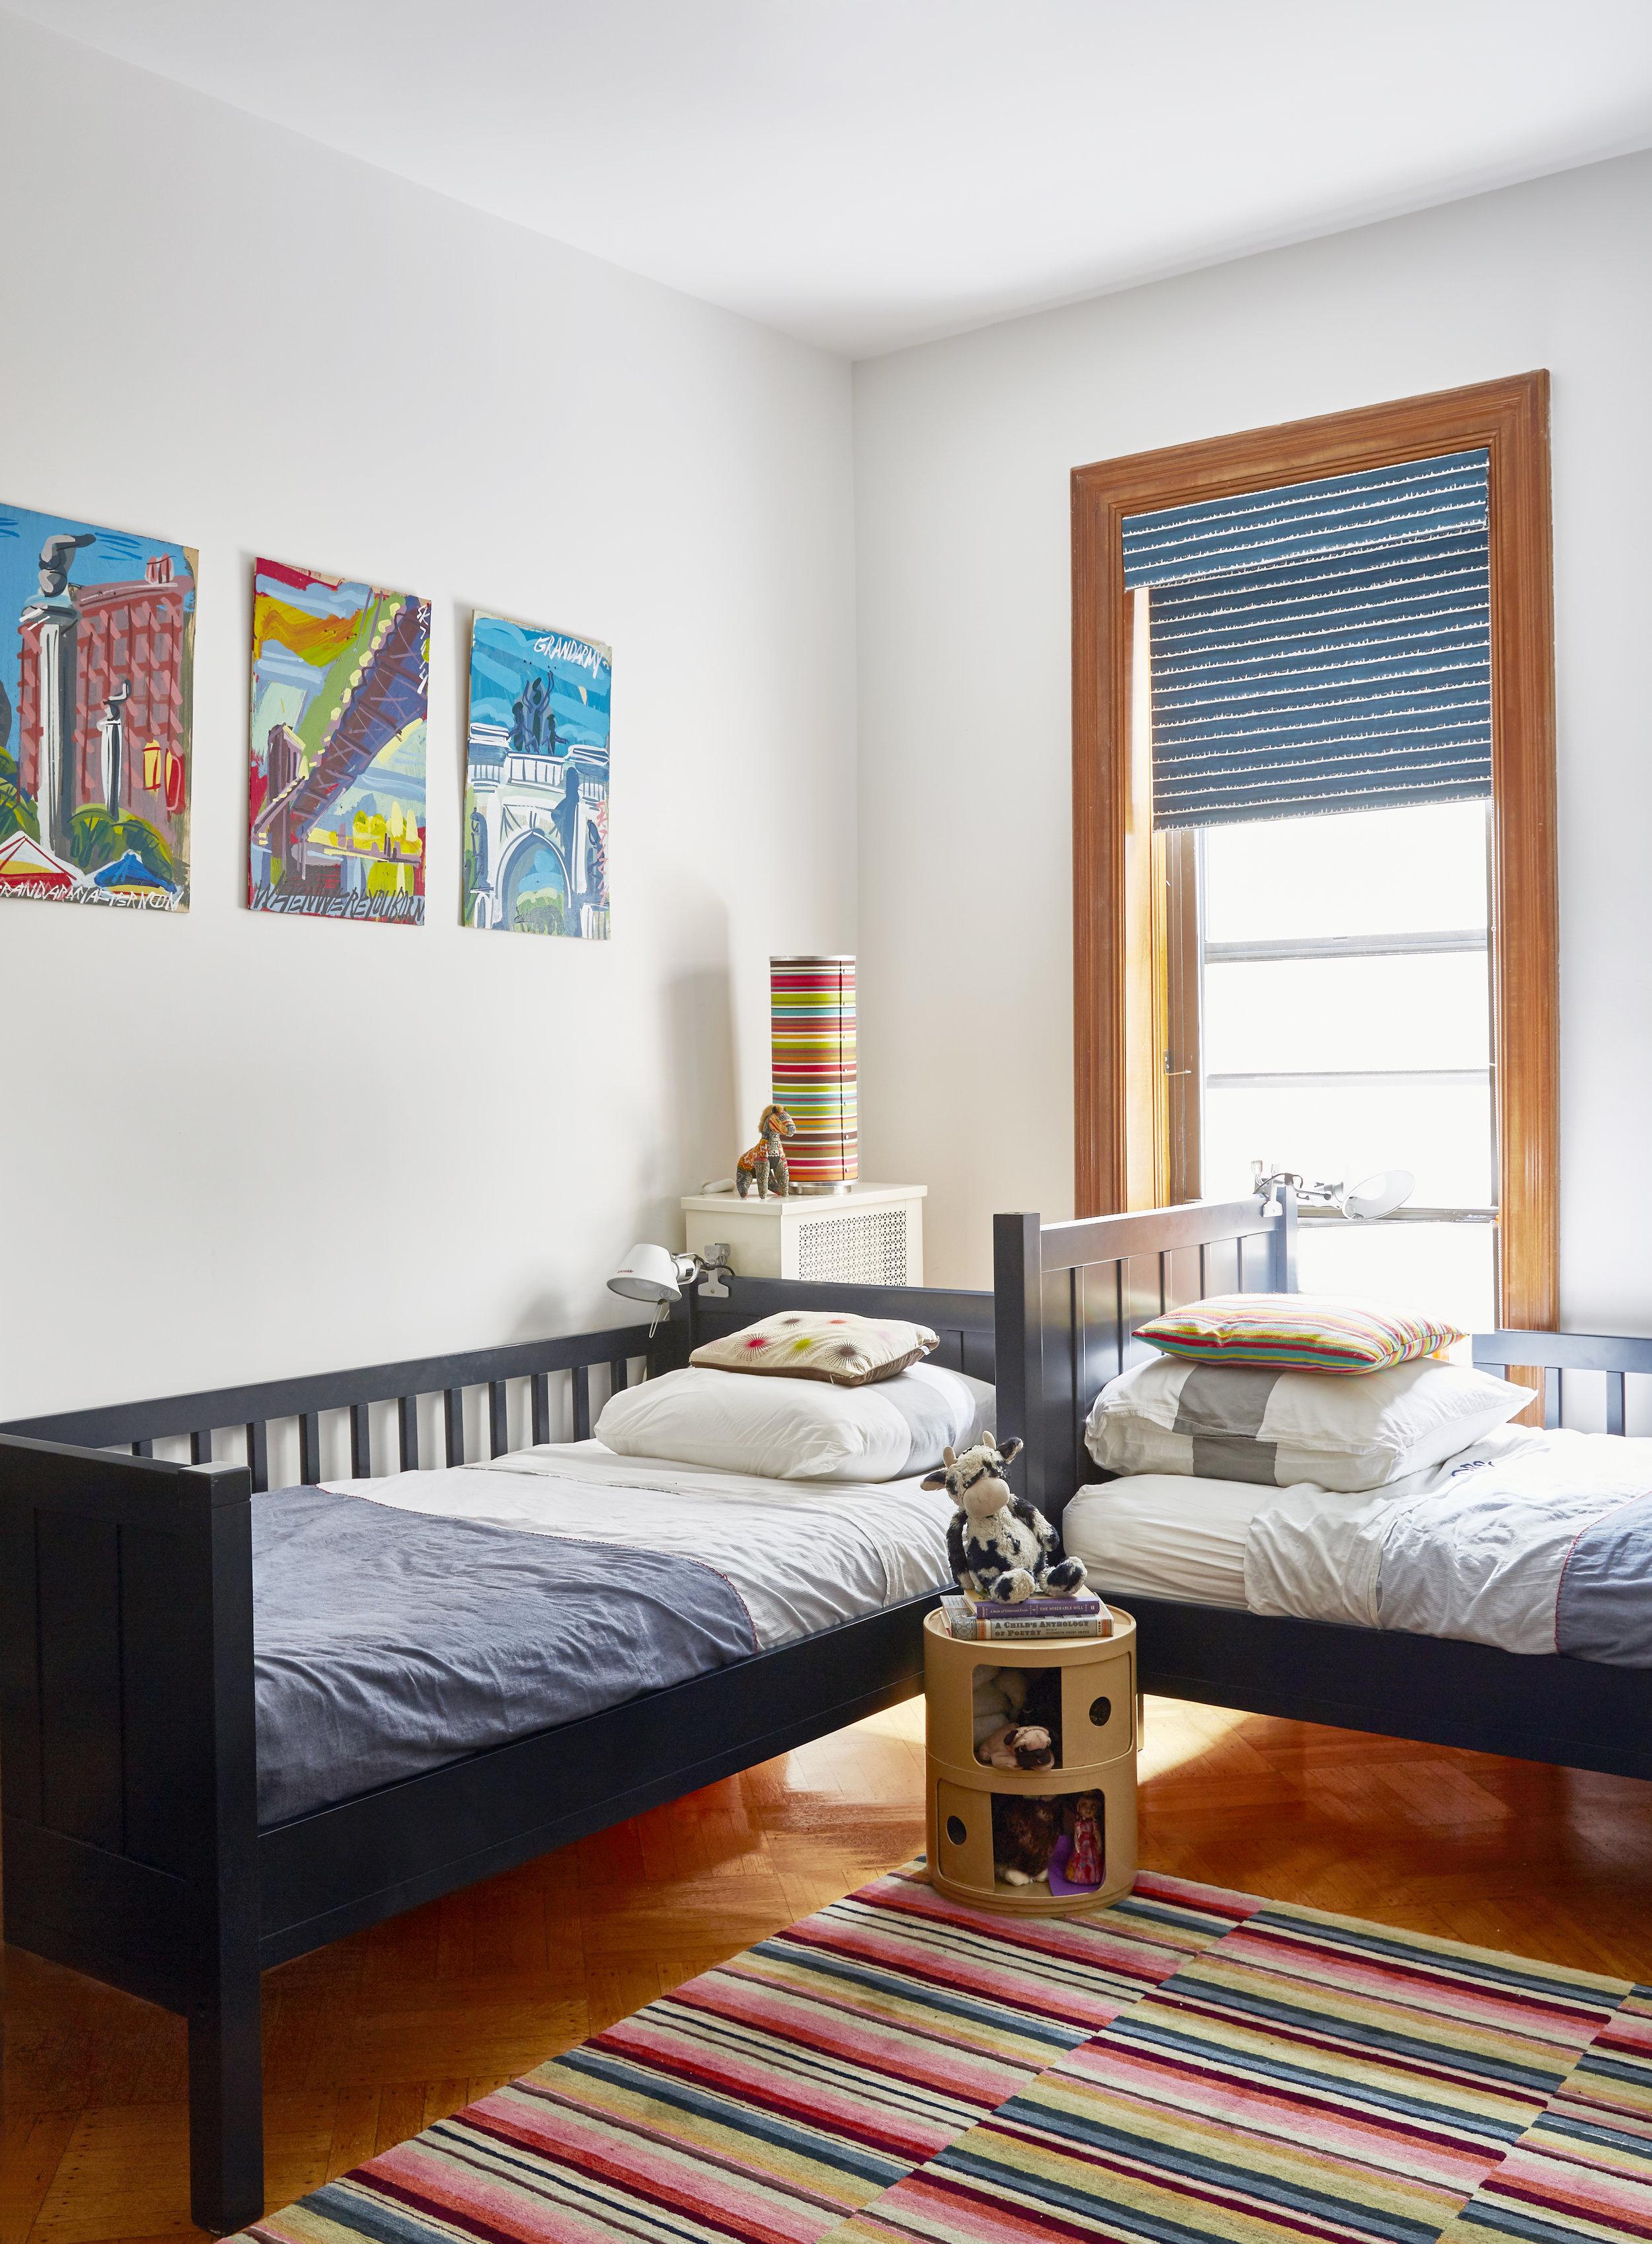 Kids Room Double Twin Bed Best Friends Interior Design Jmorris Design New York Designer